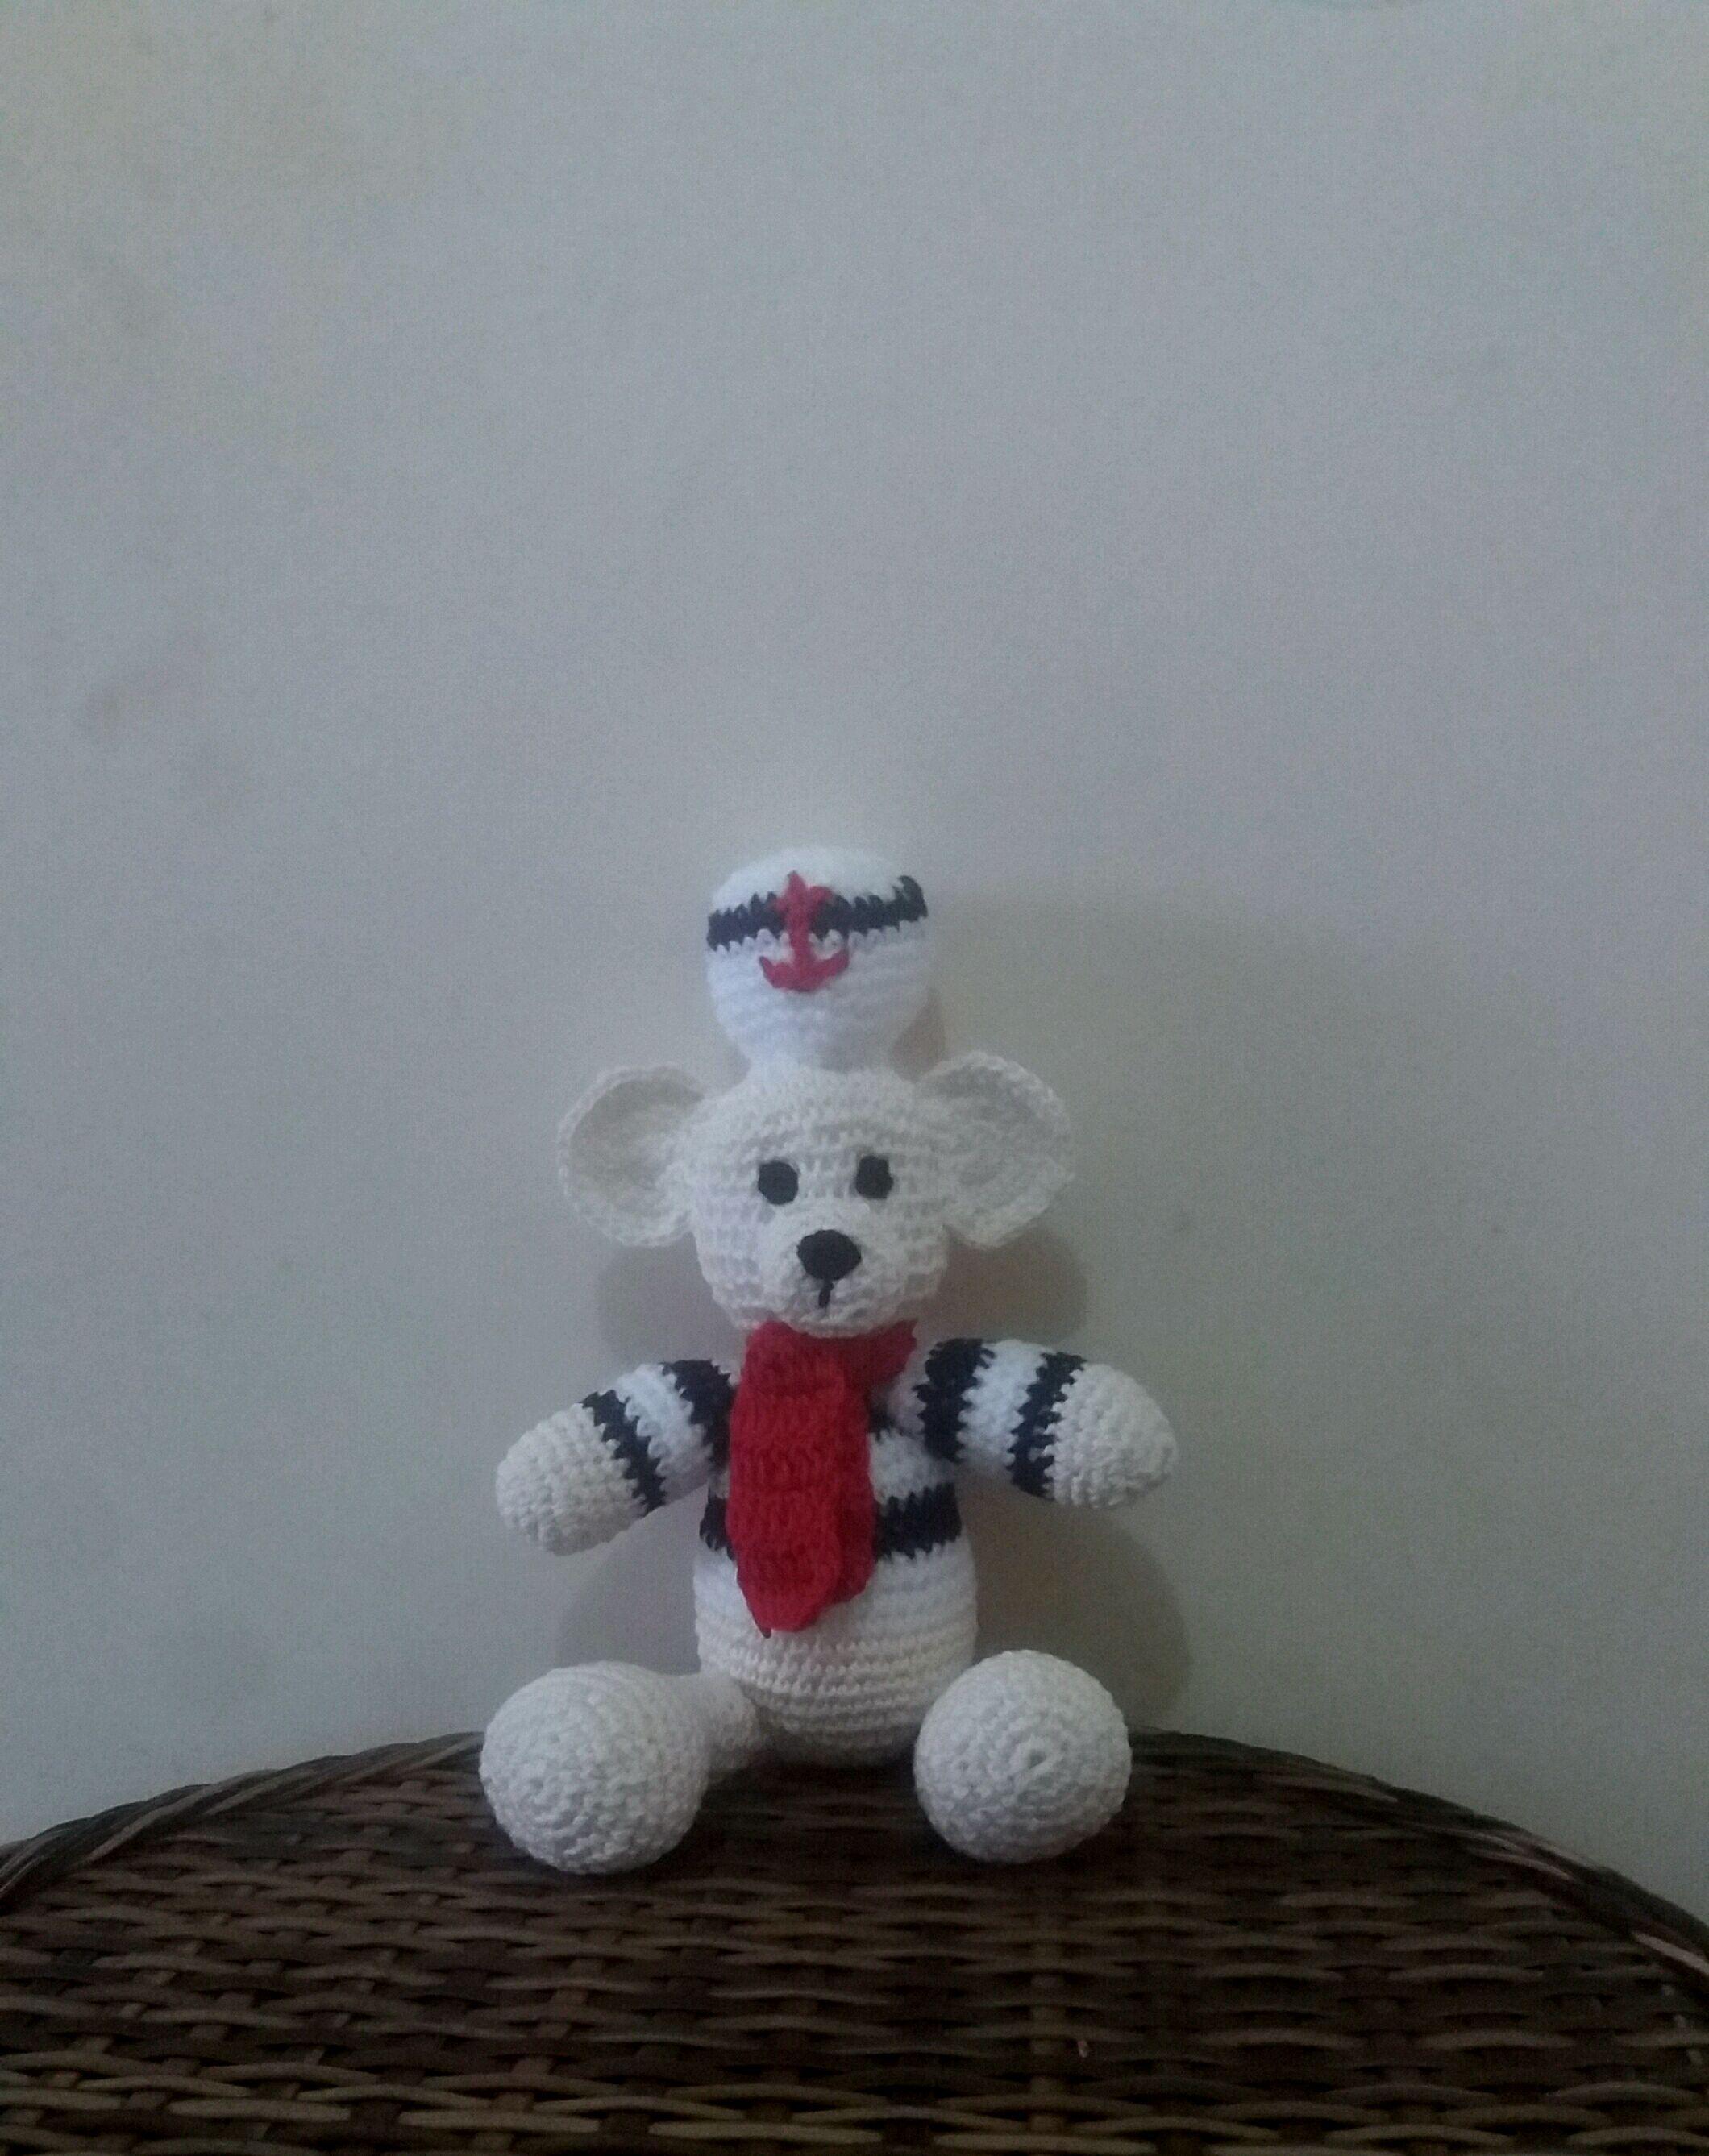 Resultado de imagem para marinheiro amigurumi | Marinheiro, Urso ... | 2675x2120